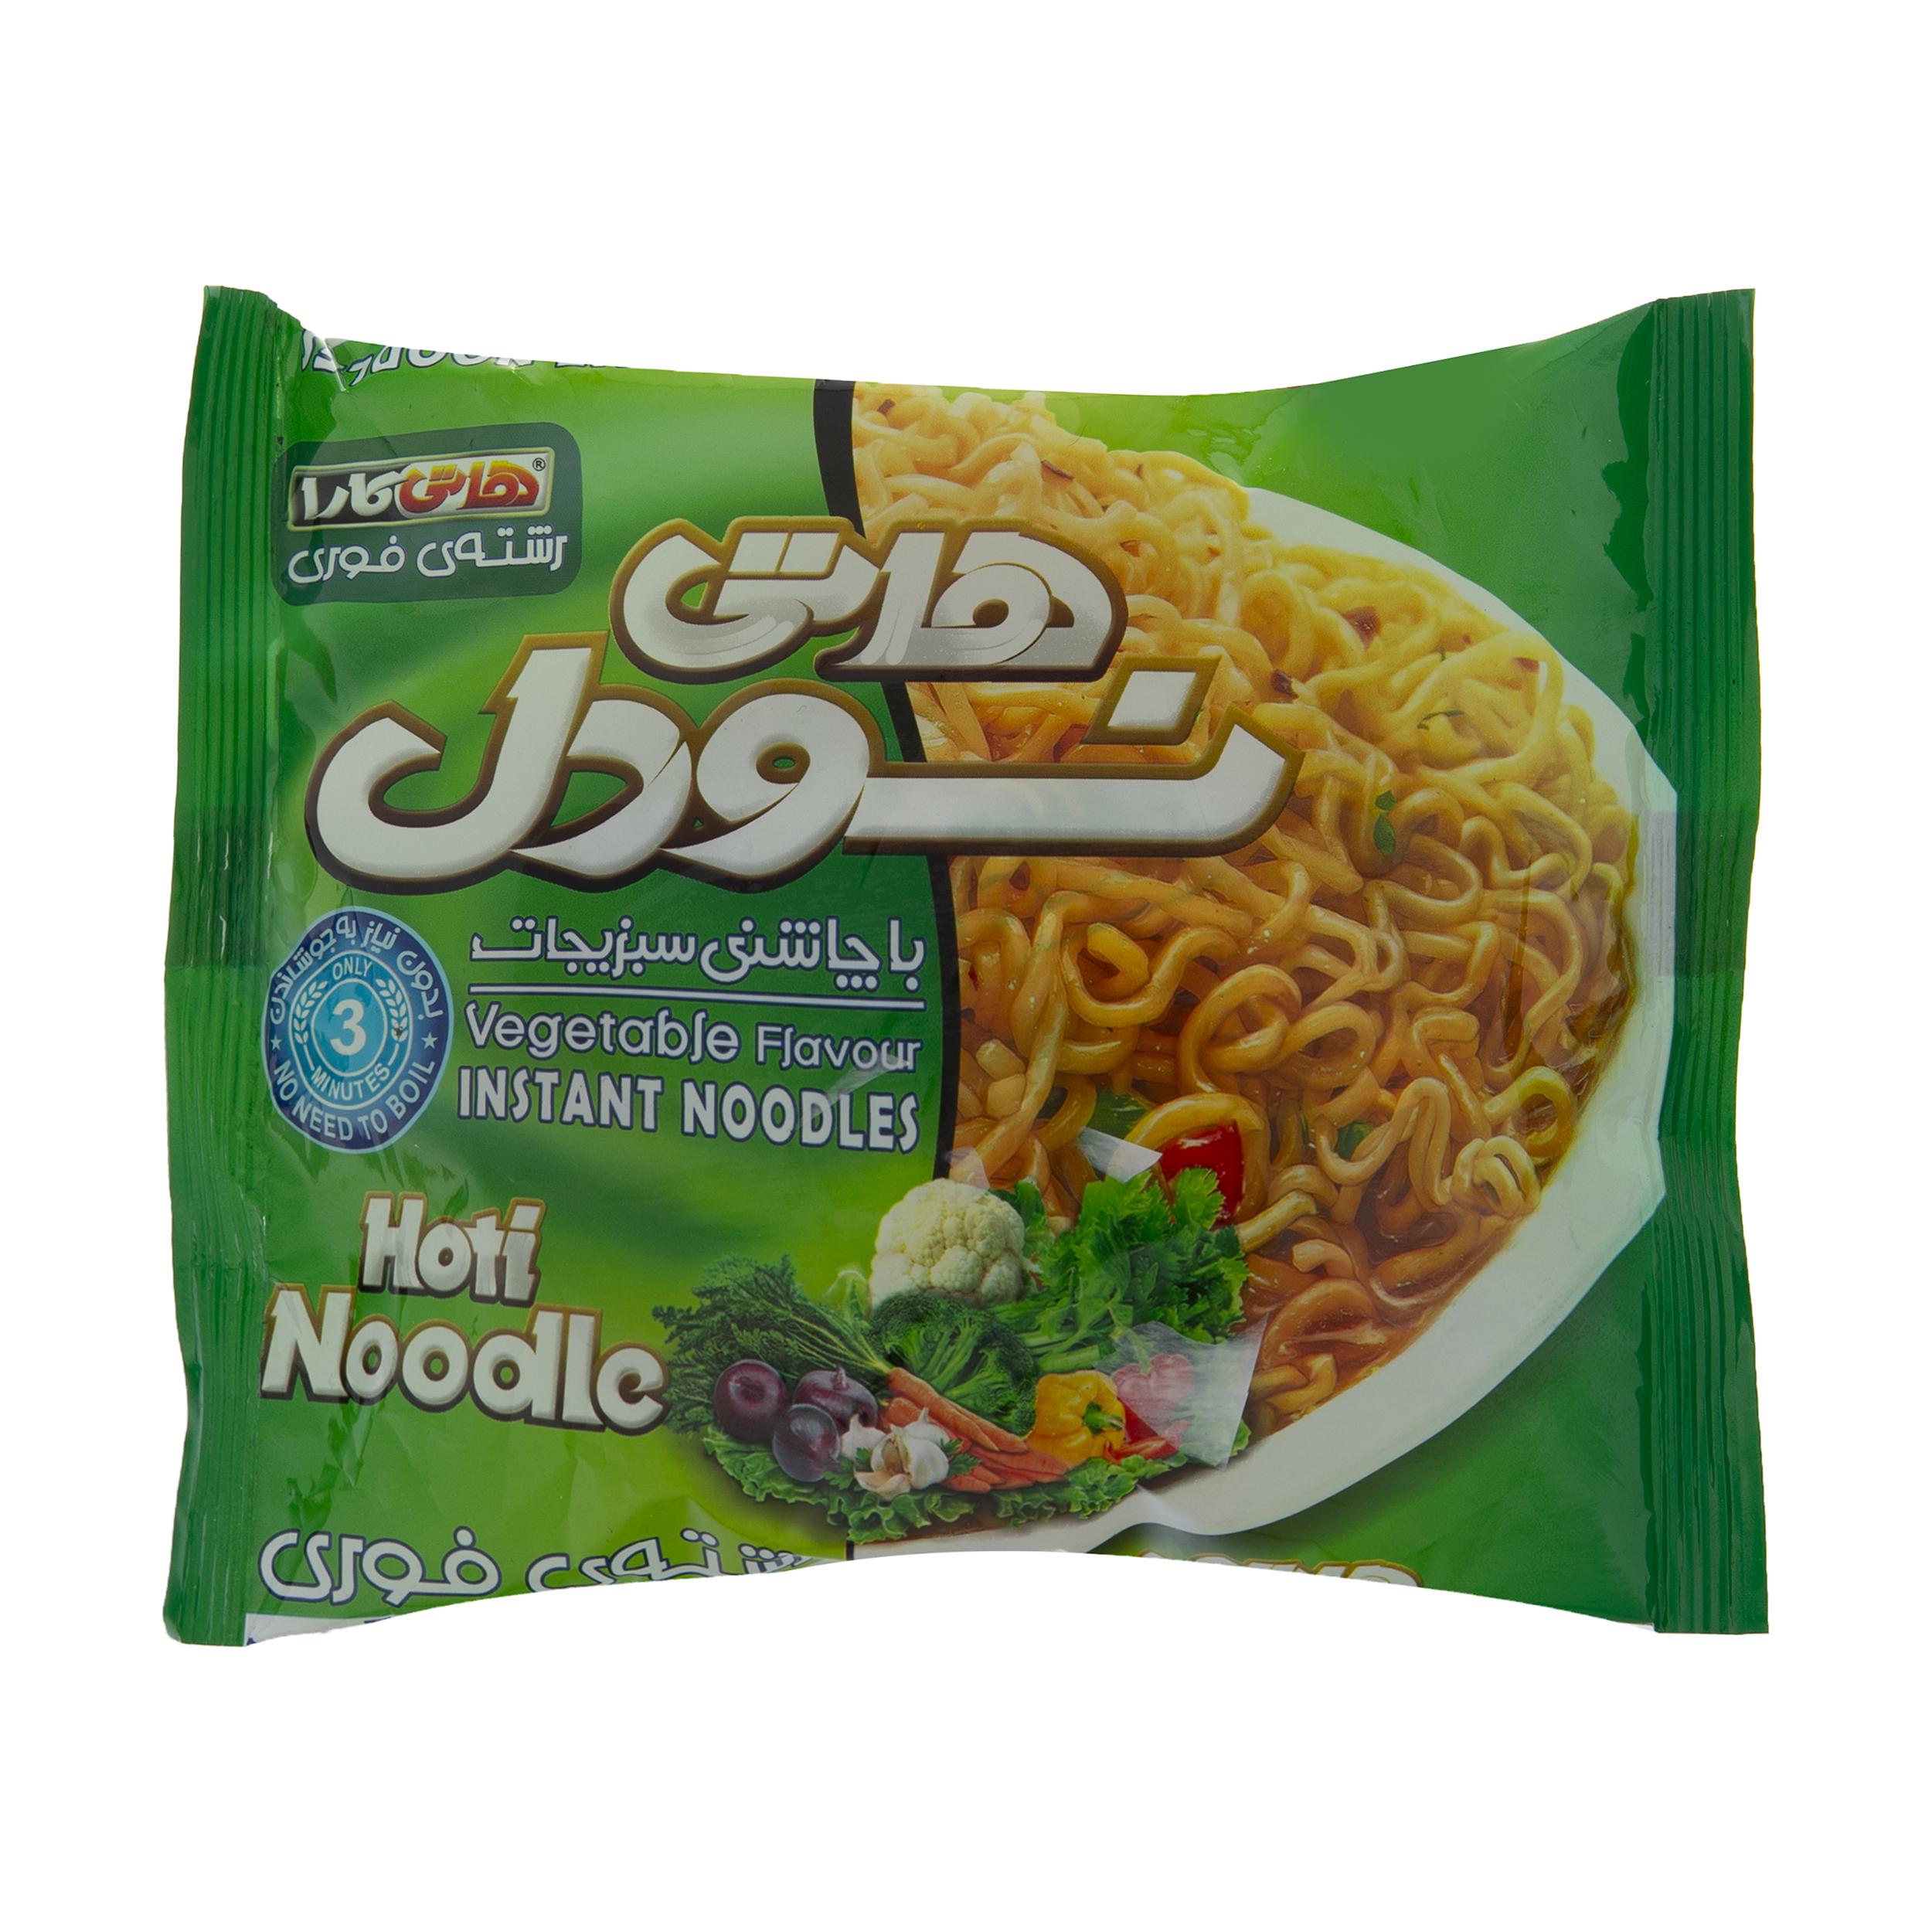 نودل هاتی کارا با طعم سبزیجات - 77 گرم